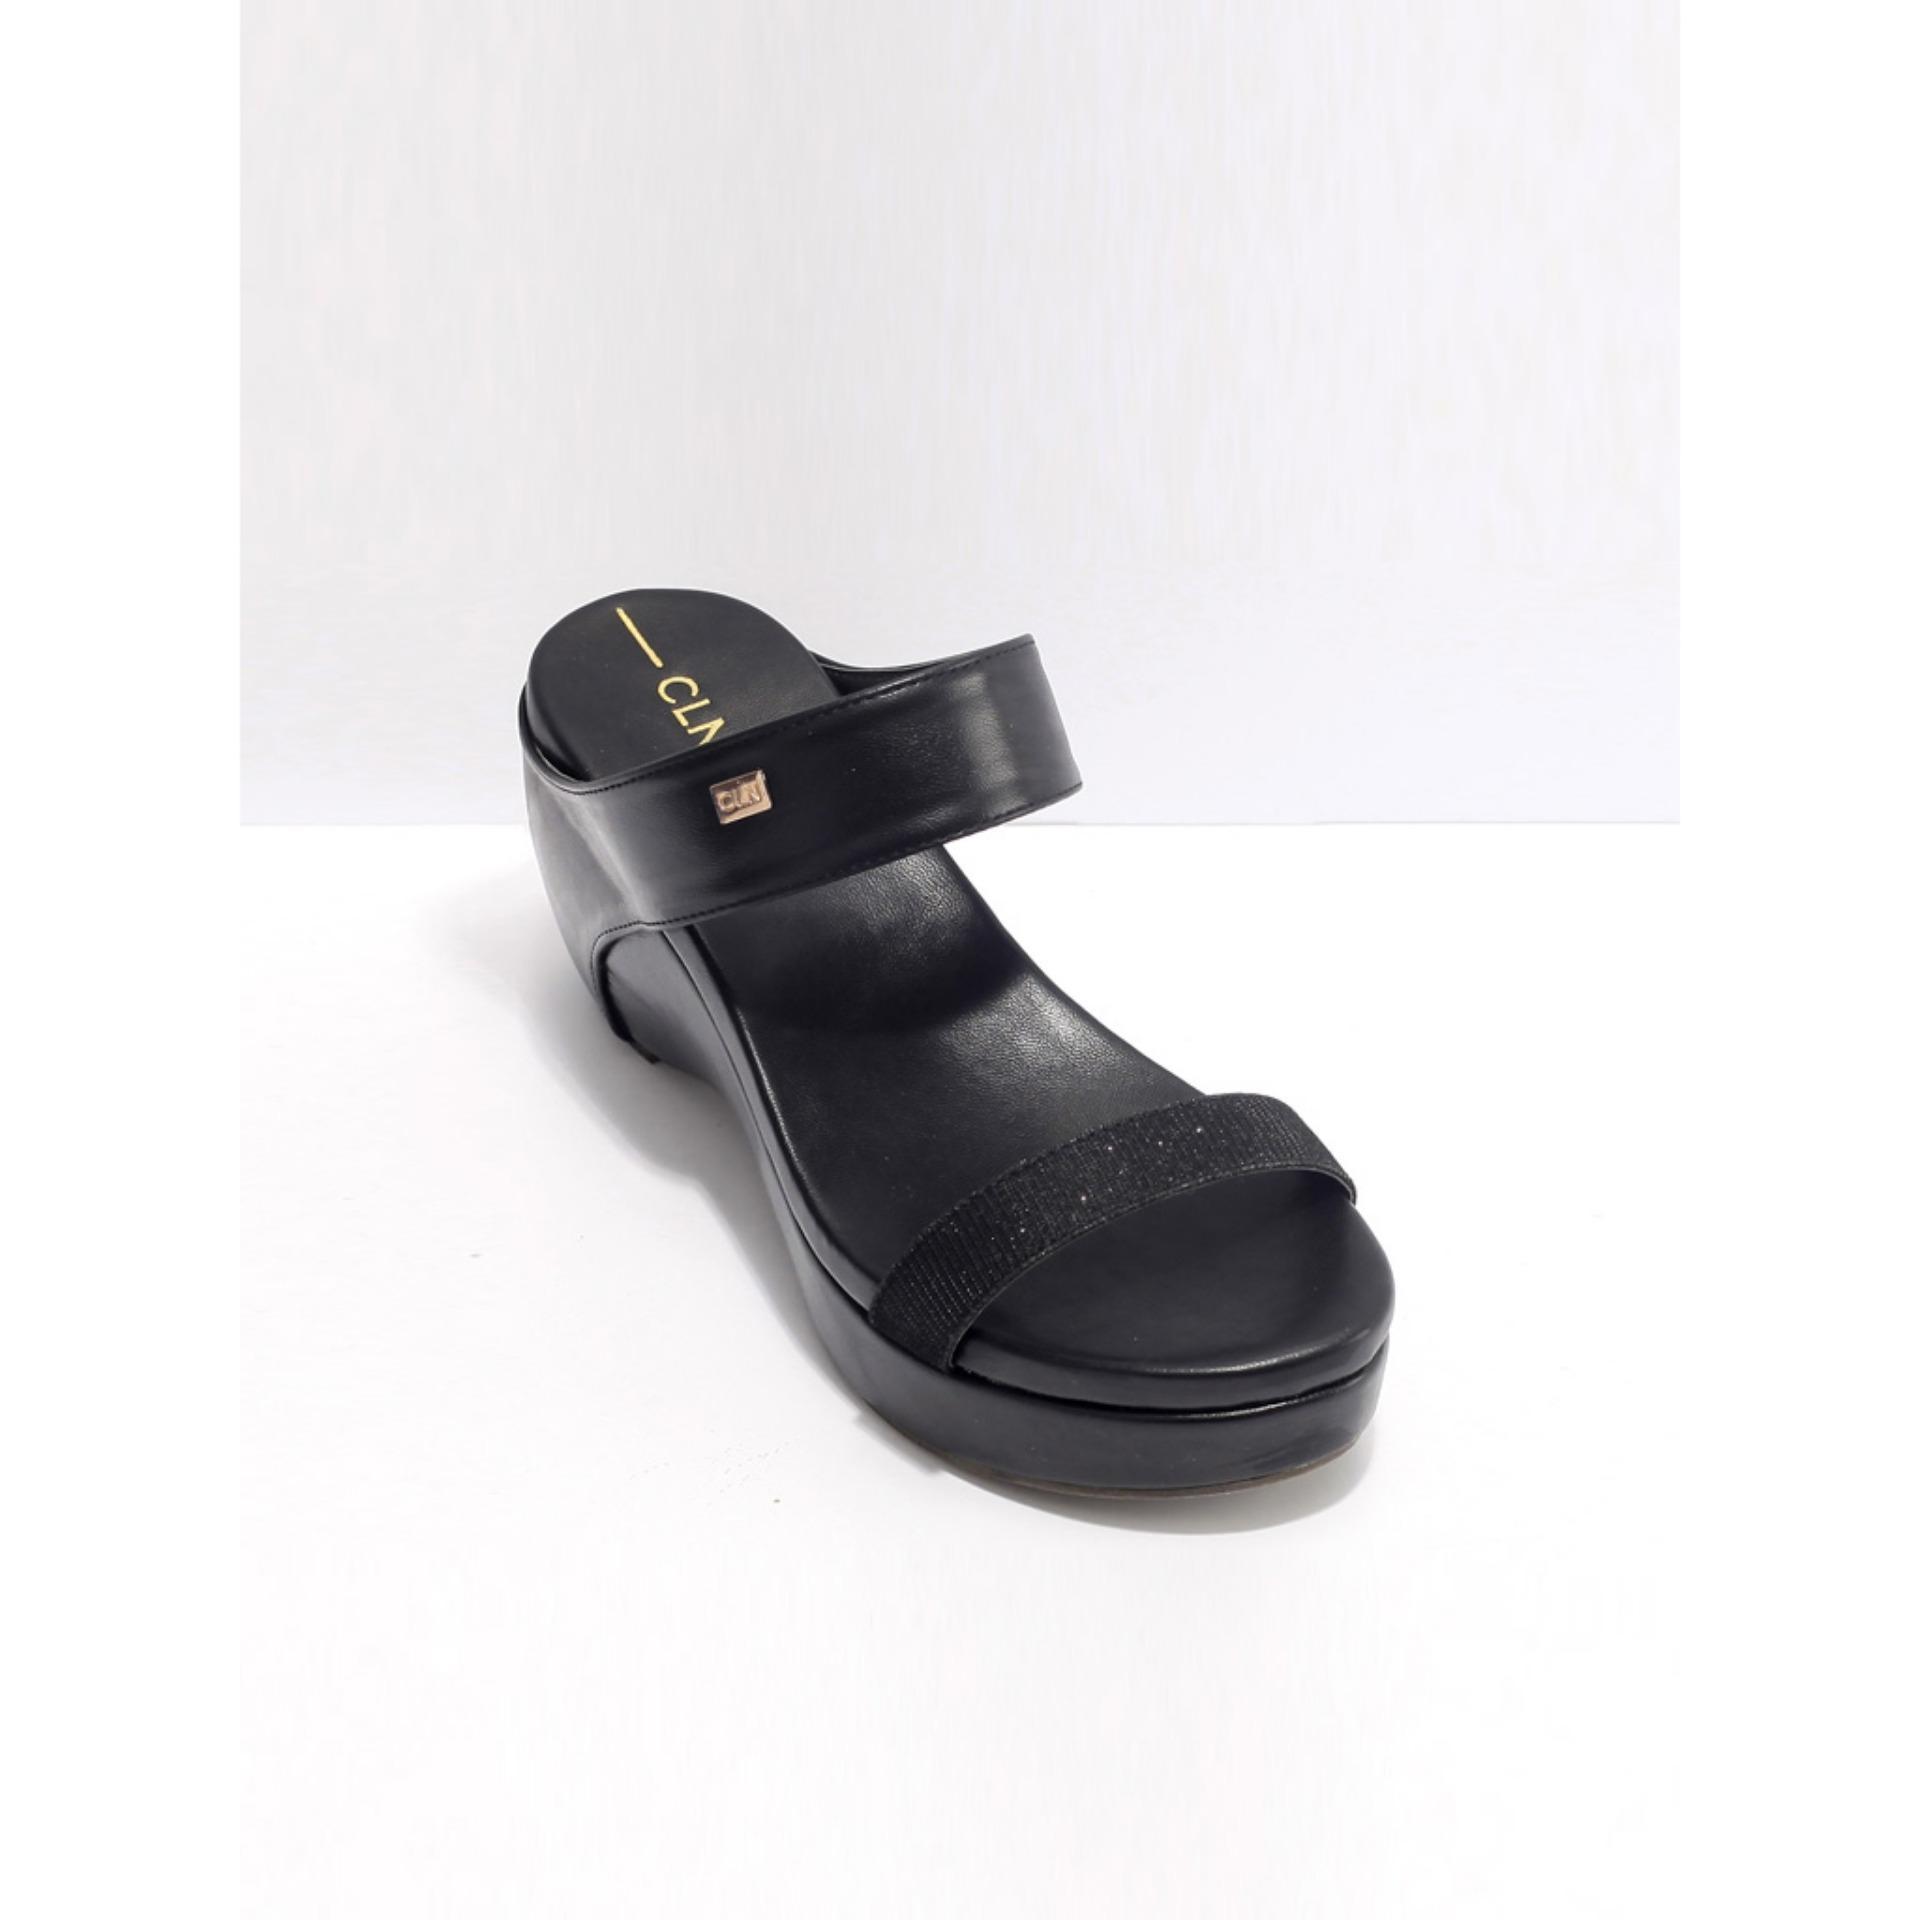 Cln shoes sandals philippines - Cln Shoes Sandals Philippines 44